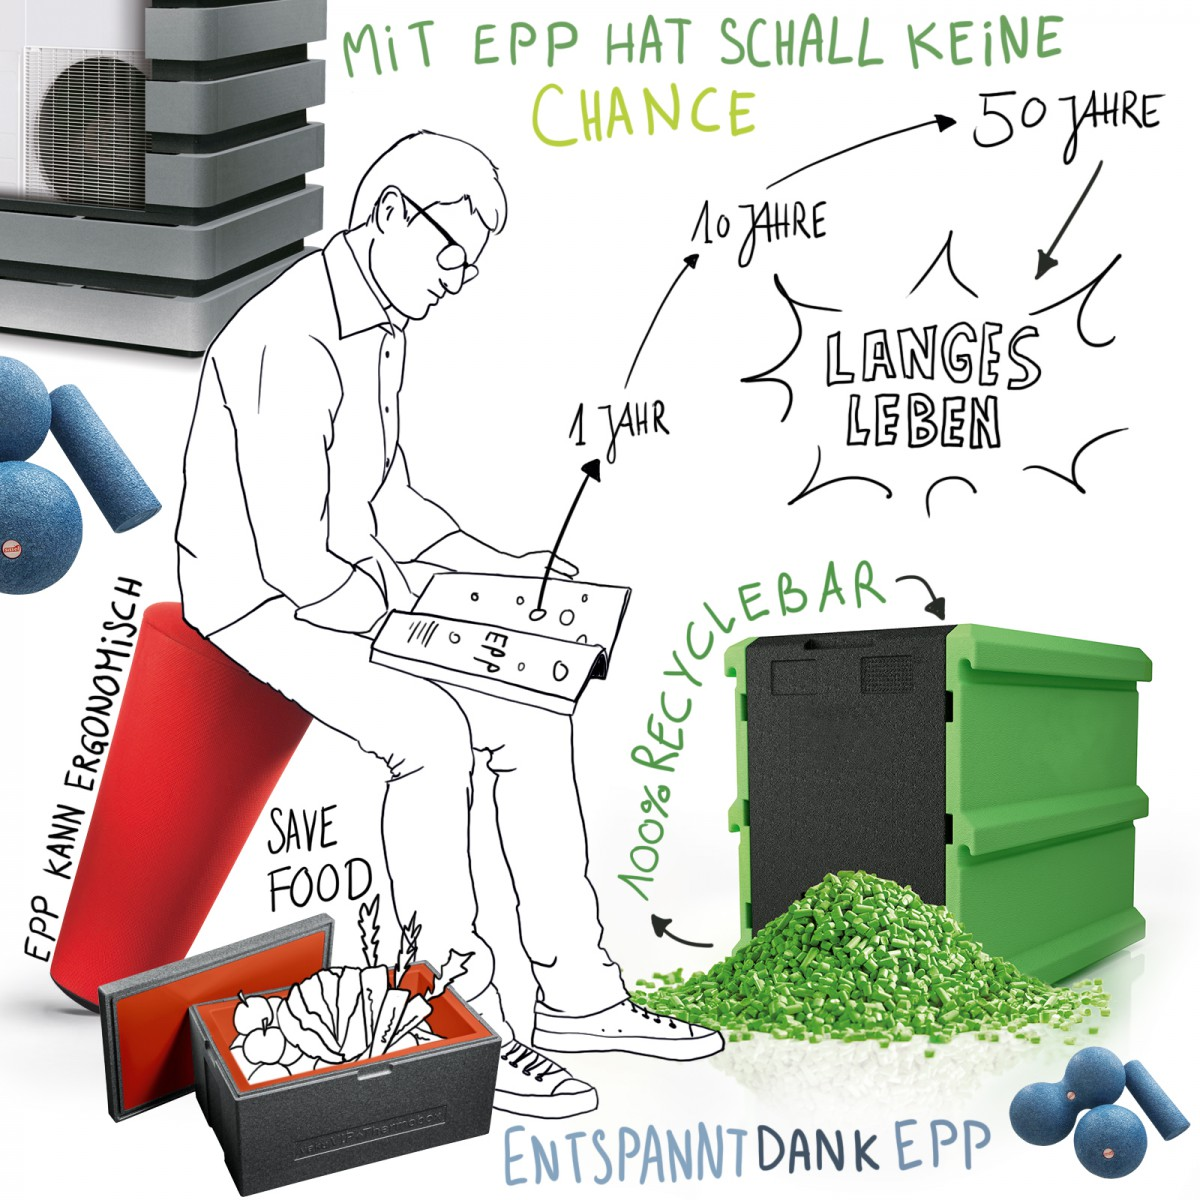 Illustration, in der handschriftlich Eigenschaften von Epp beschrieben sind: Mit EPP hat Schall keine Chance; Langes Leben (50 jahre und mehr); EPP kann ergonomisch (Ein Sitzkegel ist abgebildet); 100% recyclebar.